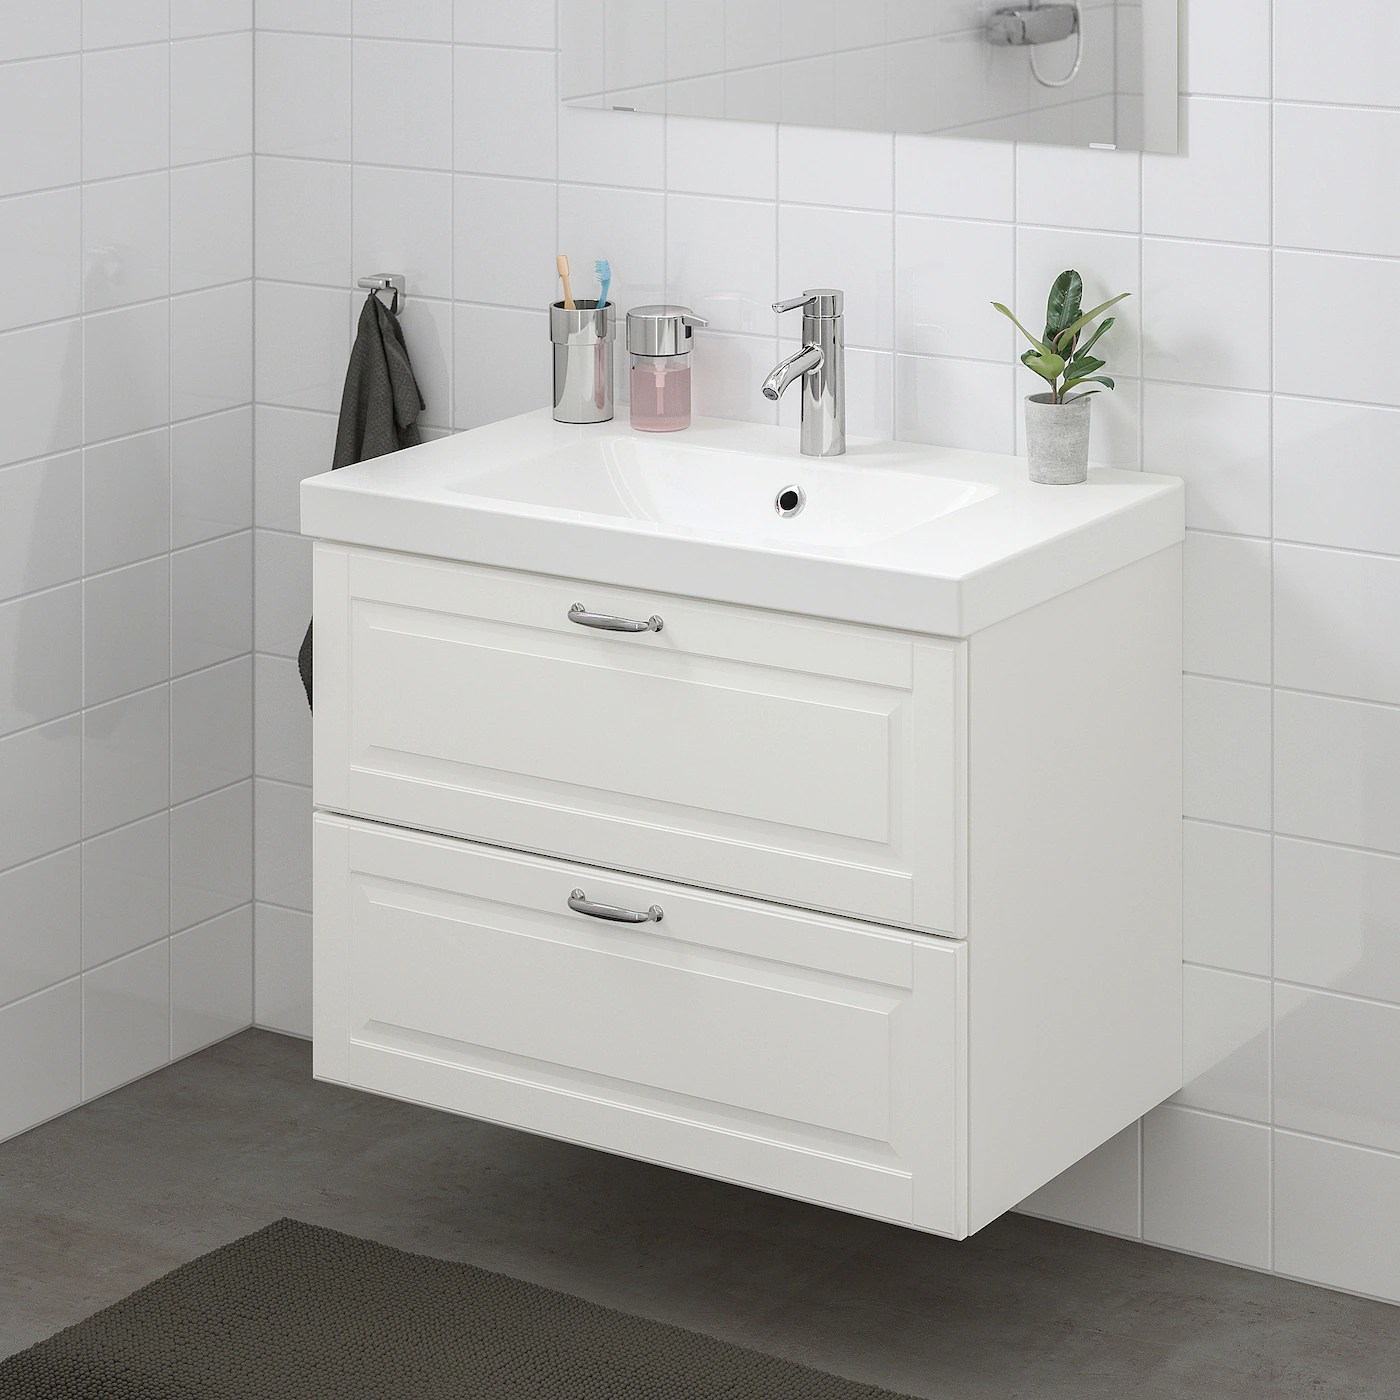 Godmorgon Bathroom Vanity Kasjon White Ikea